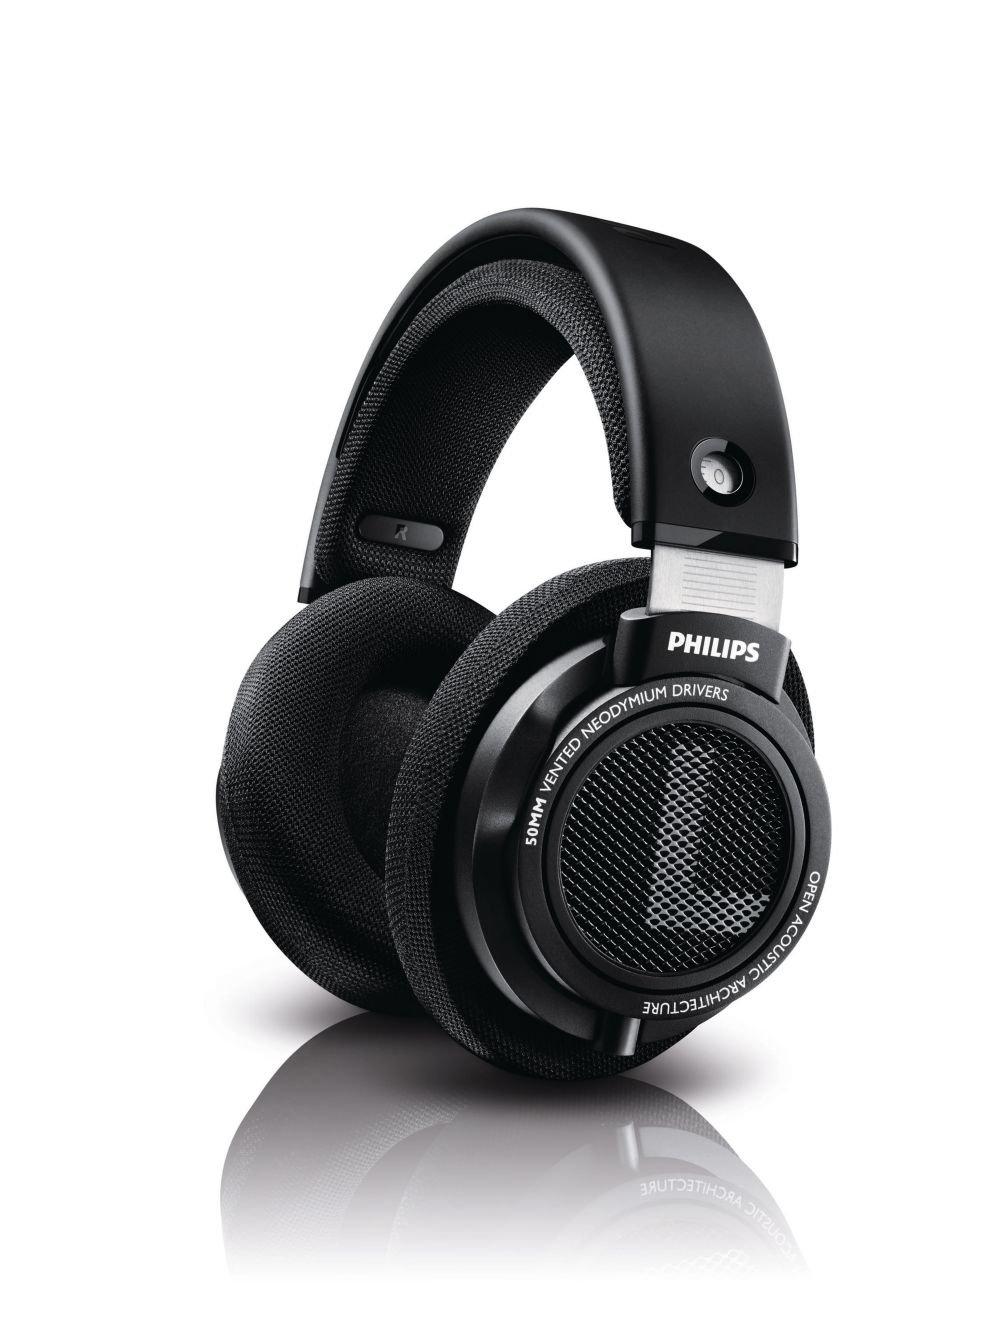 Zestaw do gier słuchawki Phillips SHP9500 + mikrofon V-Moda Crossfade